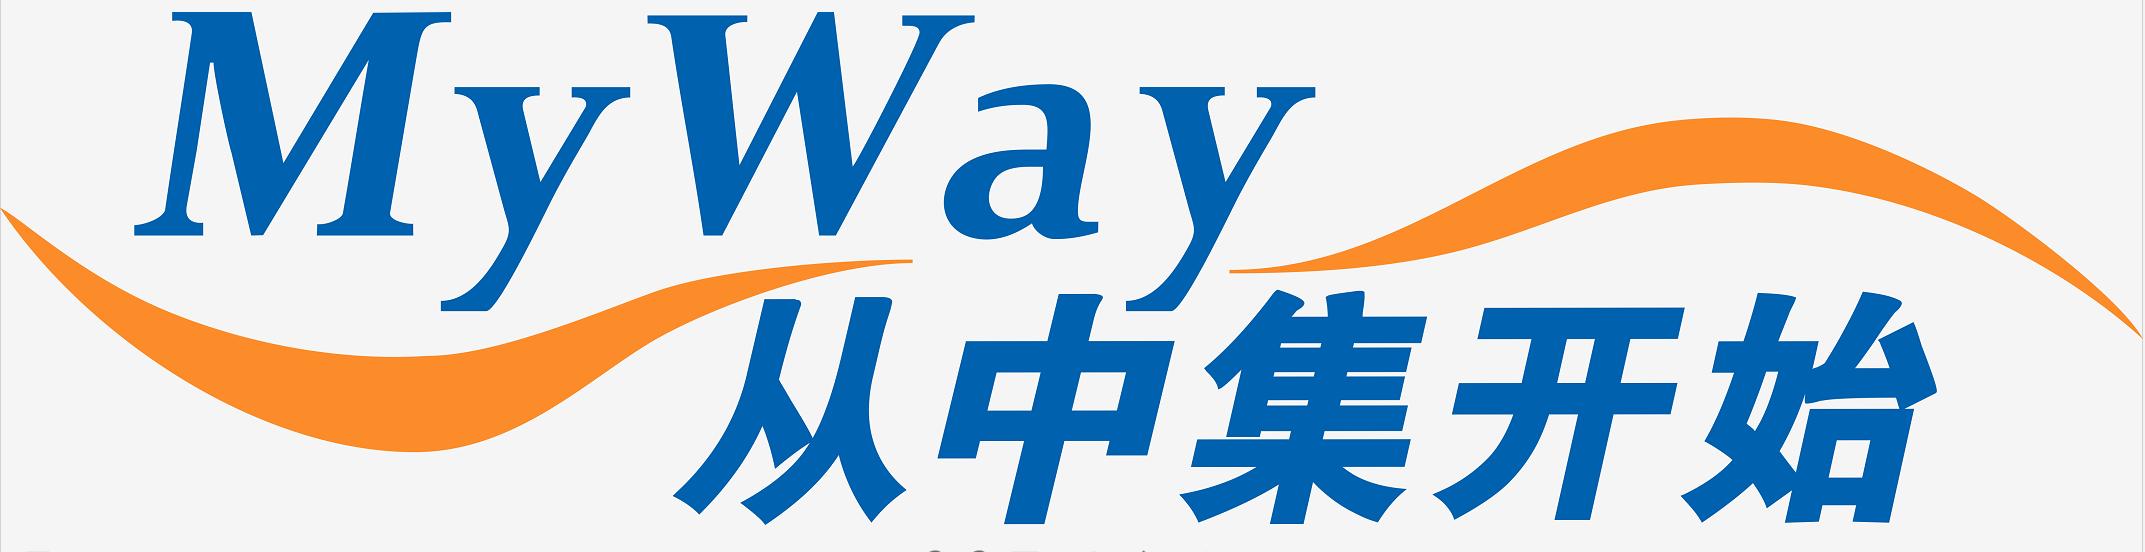 中国国际海运集装箱(集团)股份有限公司宣讲会